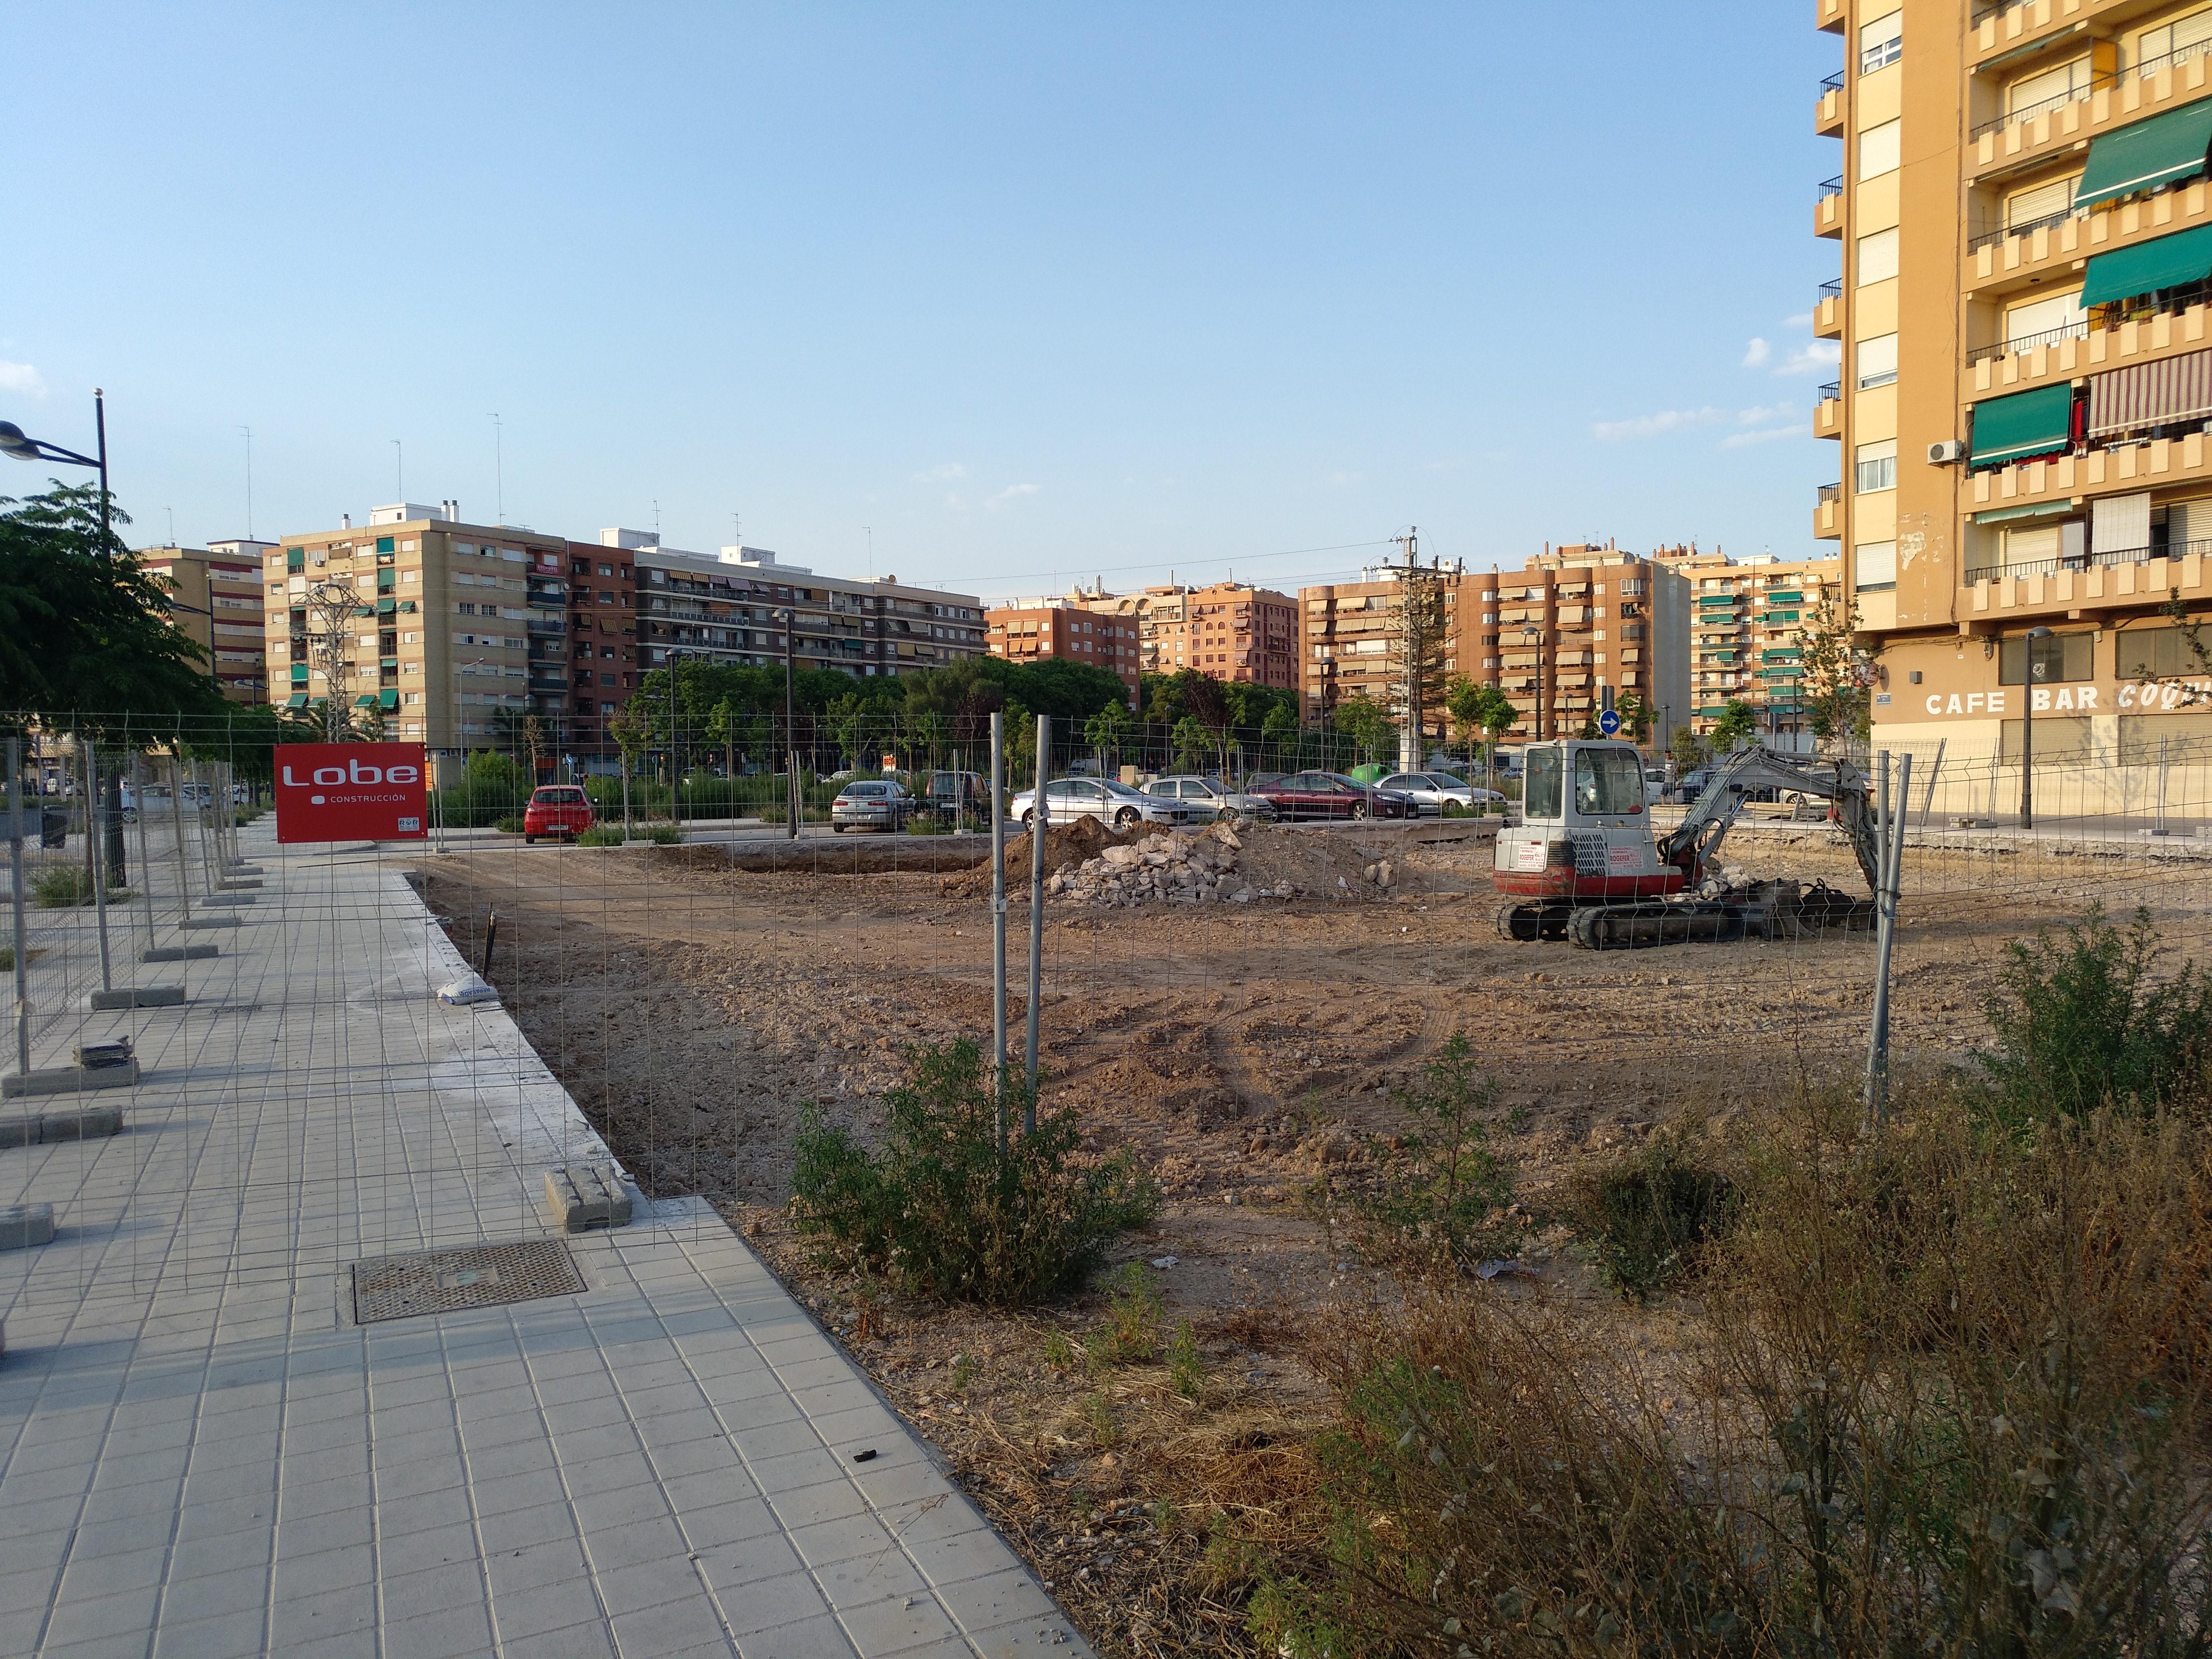 Imagen de la noticia sobre Inicio de obras Edificio Adagio en Valencia